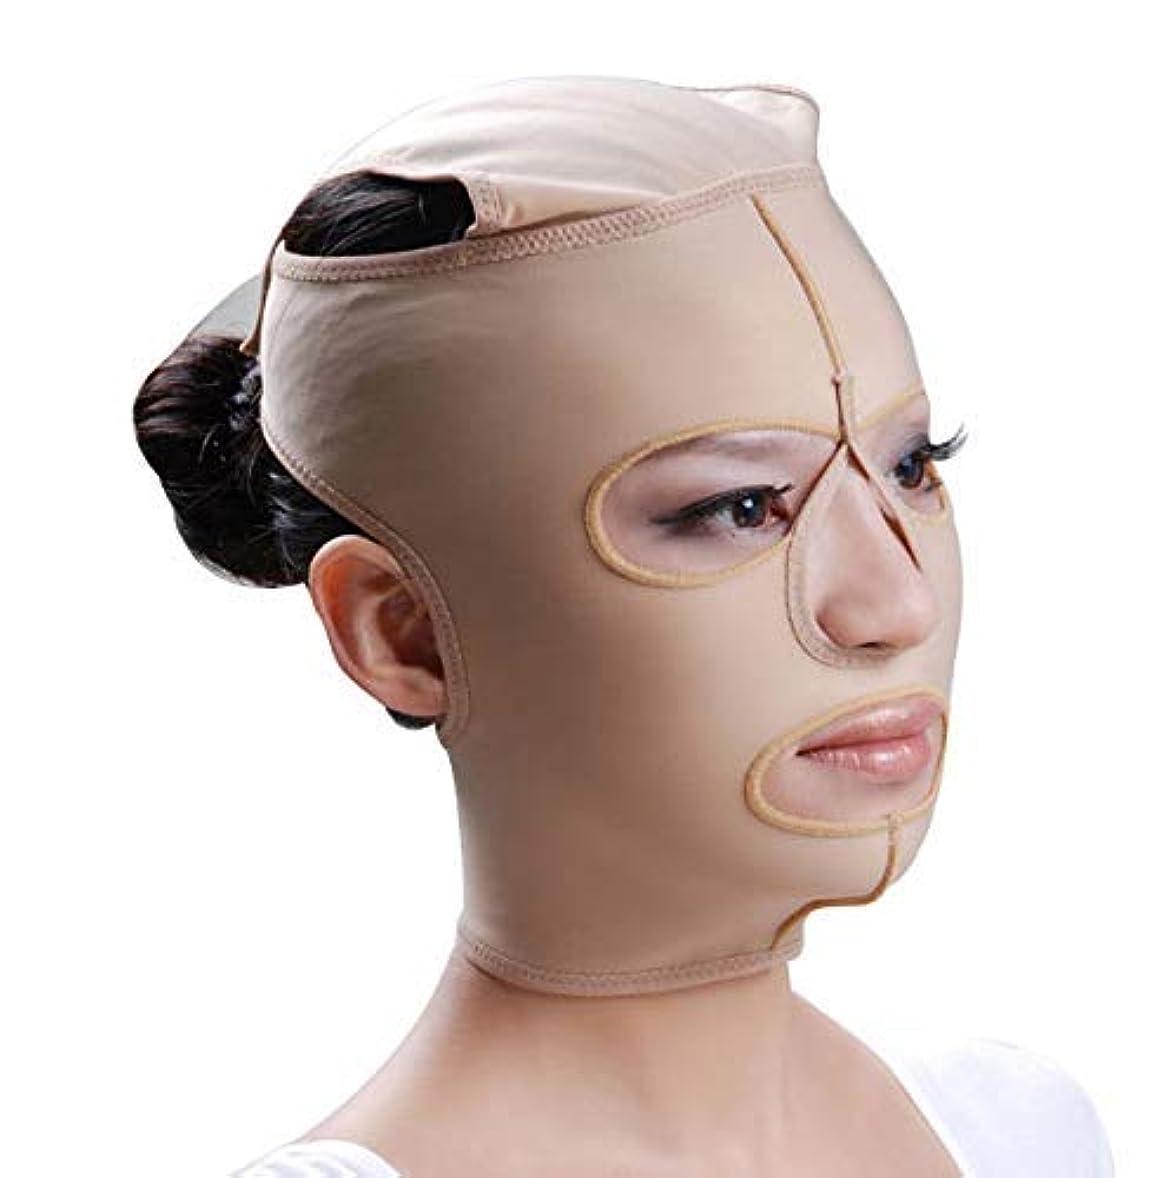 どこにでも稼ぐレプリカファーミングフェイスマスク、フェイシャルマスクエラスティックフェイスリフティングリフティングファーミングパターンマイクロフィニッシングポストモデリングコンプレッションフェイスマスク(サイズ:S),M